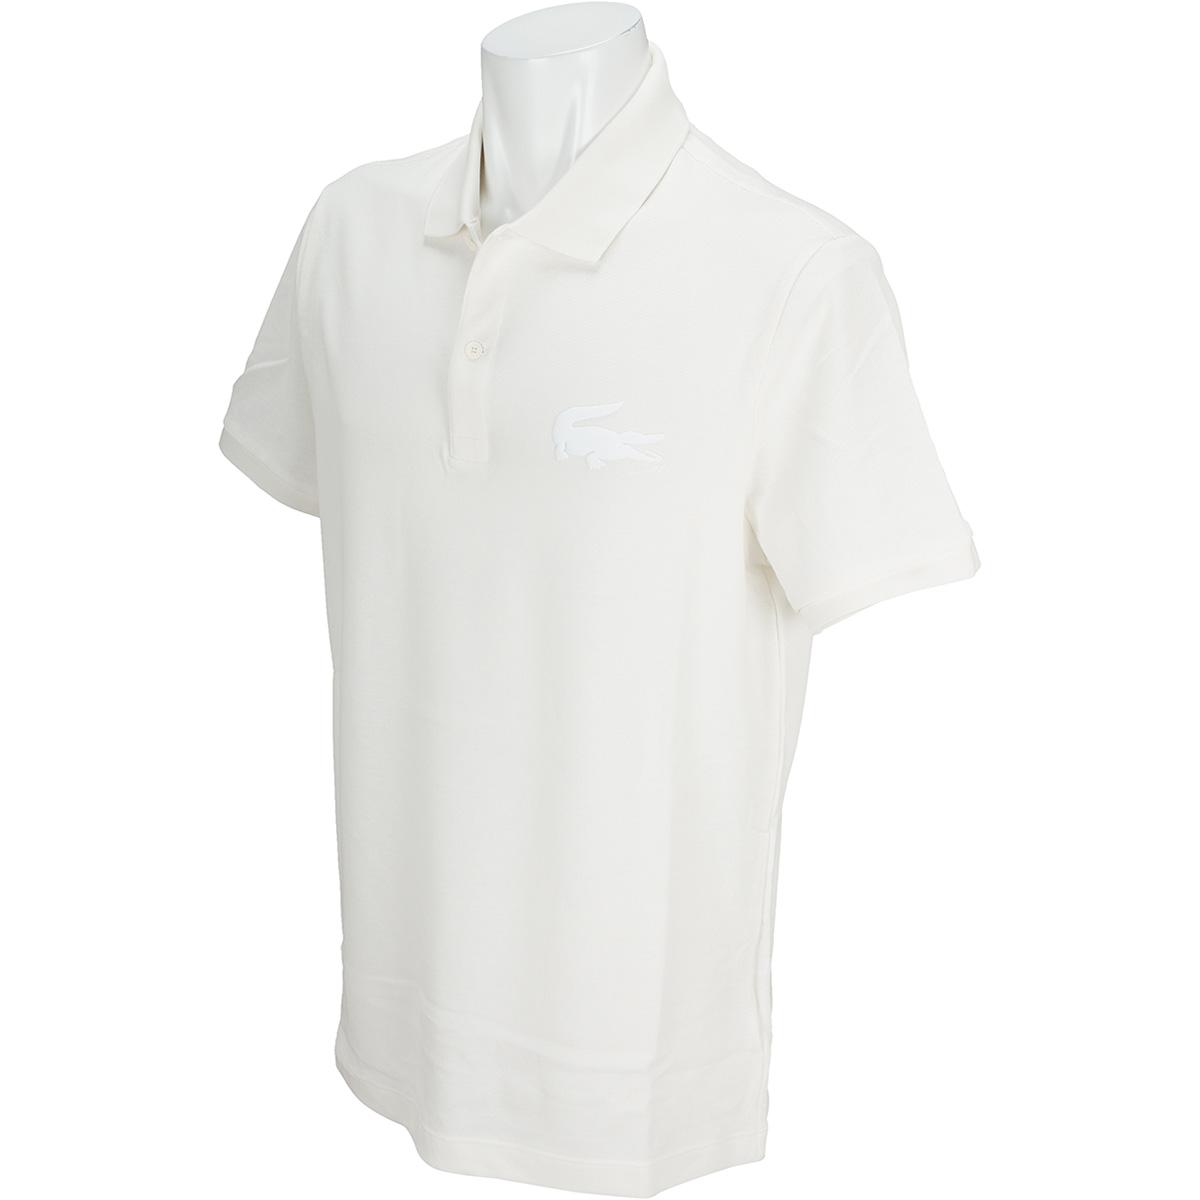 スリムフィット ワニロゴ プチピケ 半袖ポロシャツ